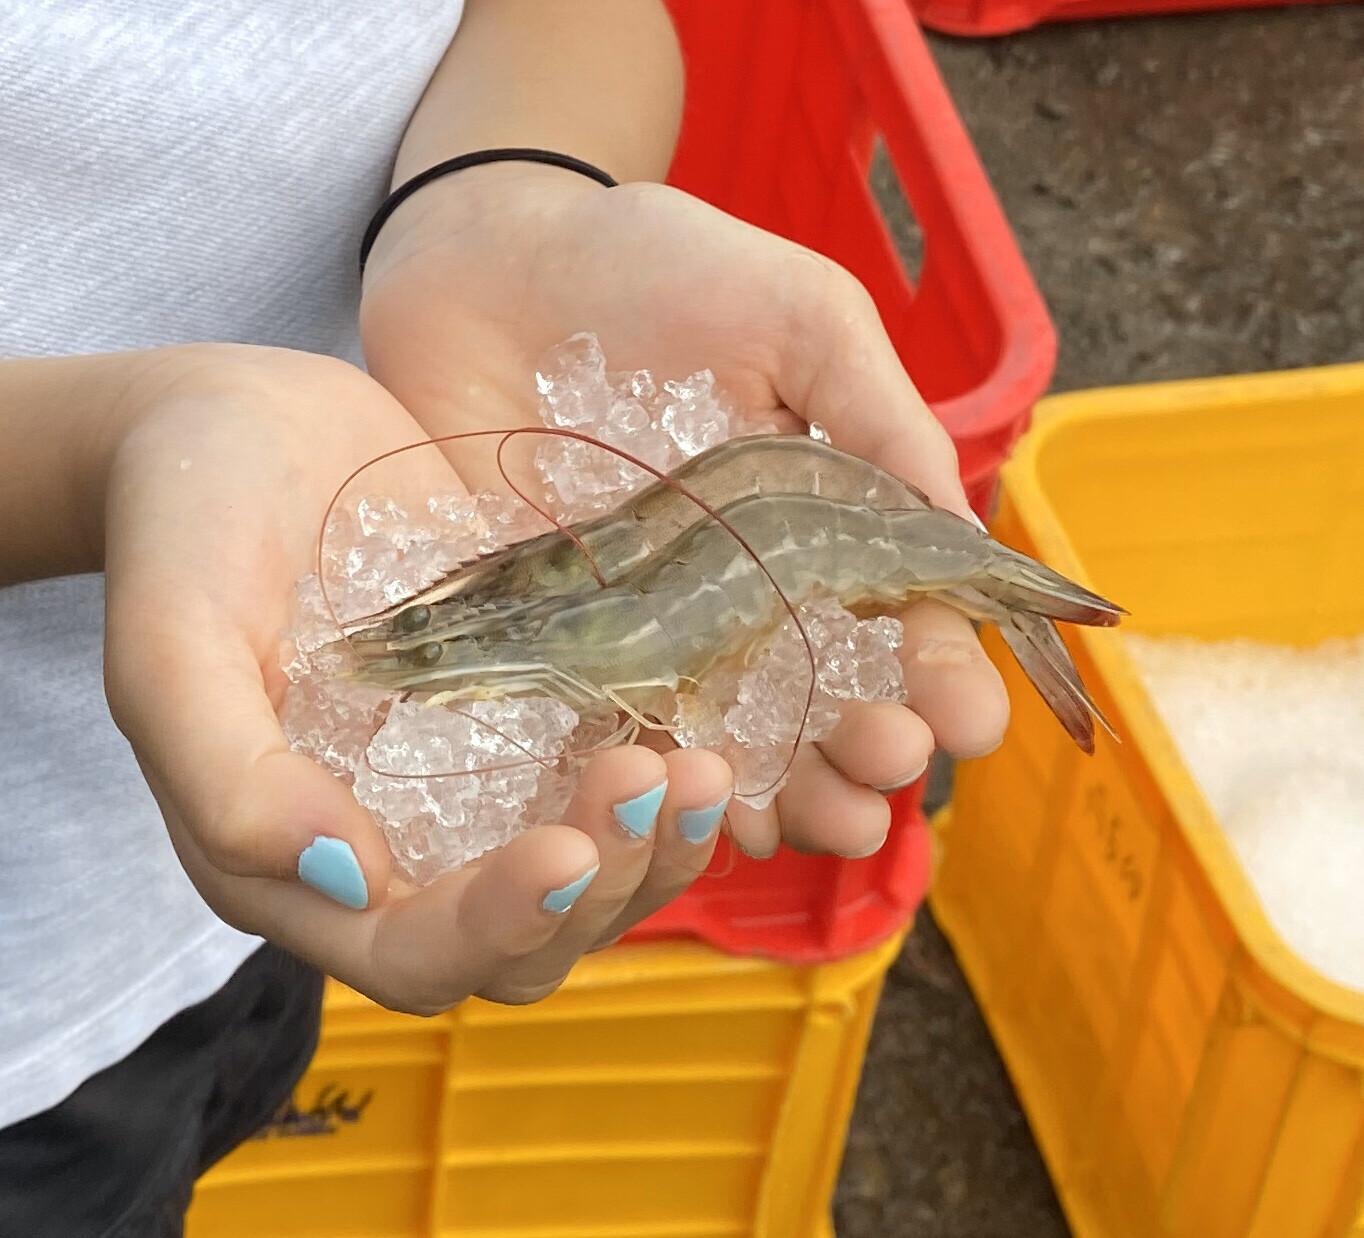 Fresh Vannamei (White Shrimp)